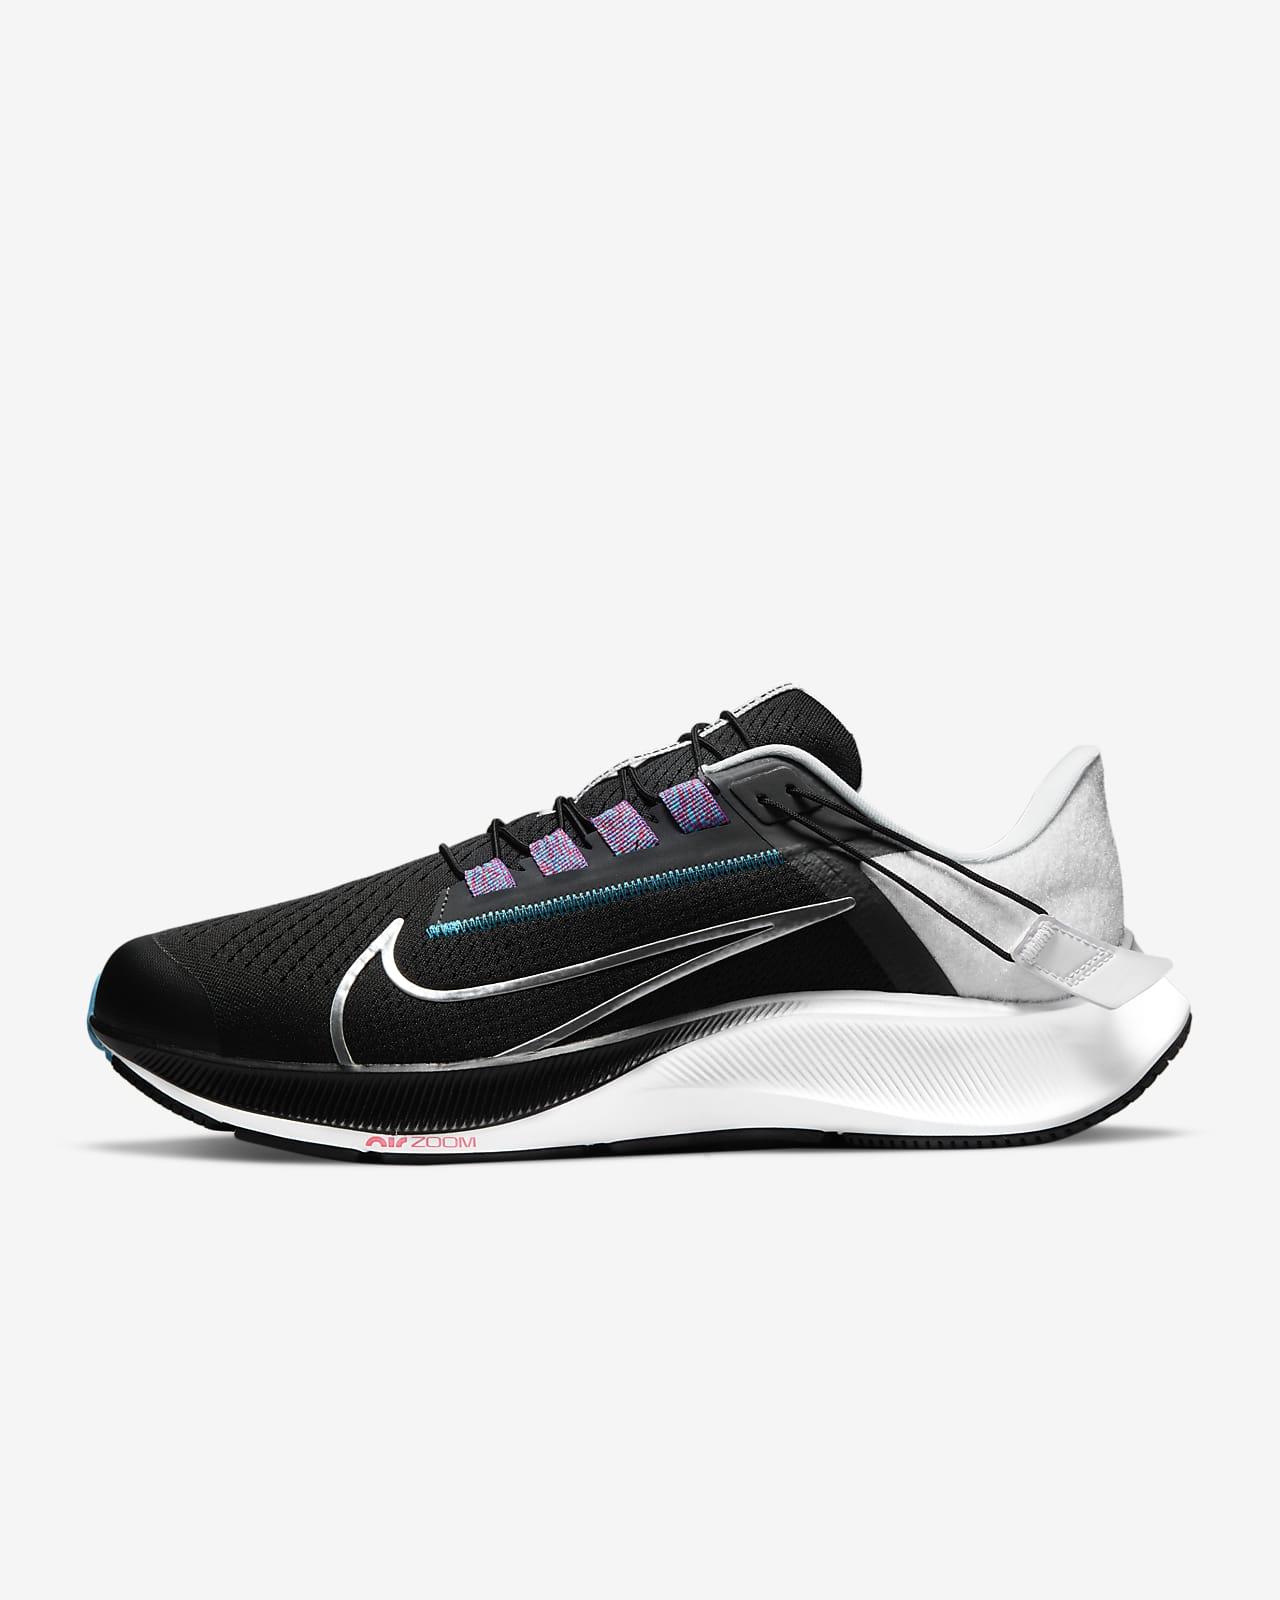 Nike Air Zoom Pegasus 38 FlyEase 男款輕鬆穿脫路跑鞋